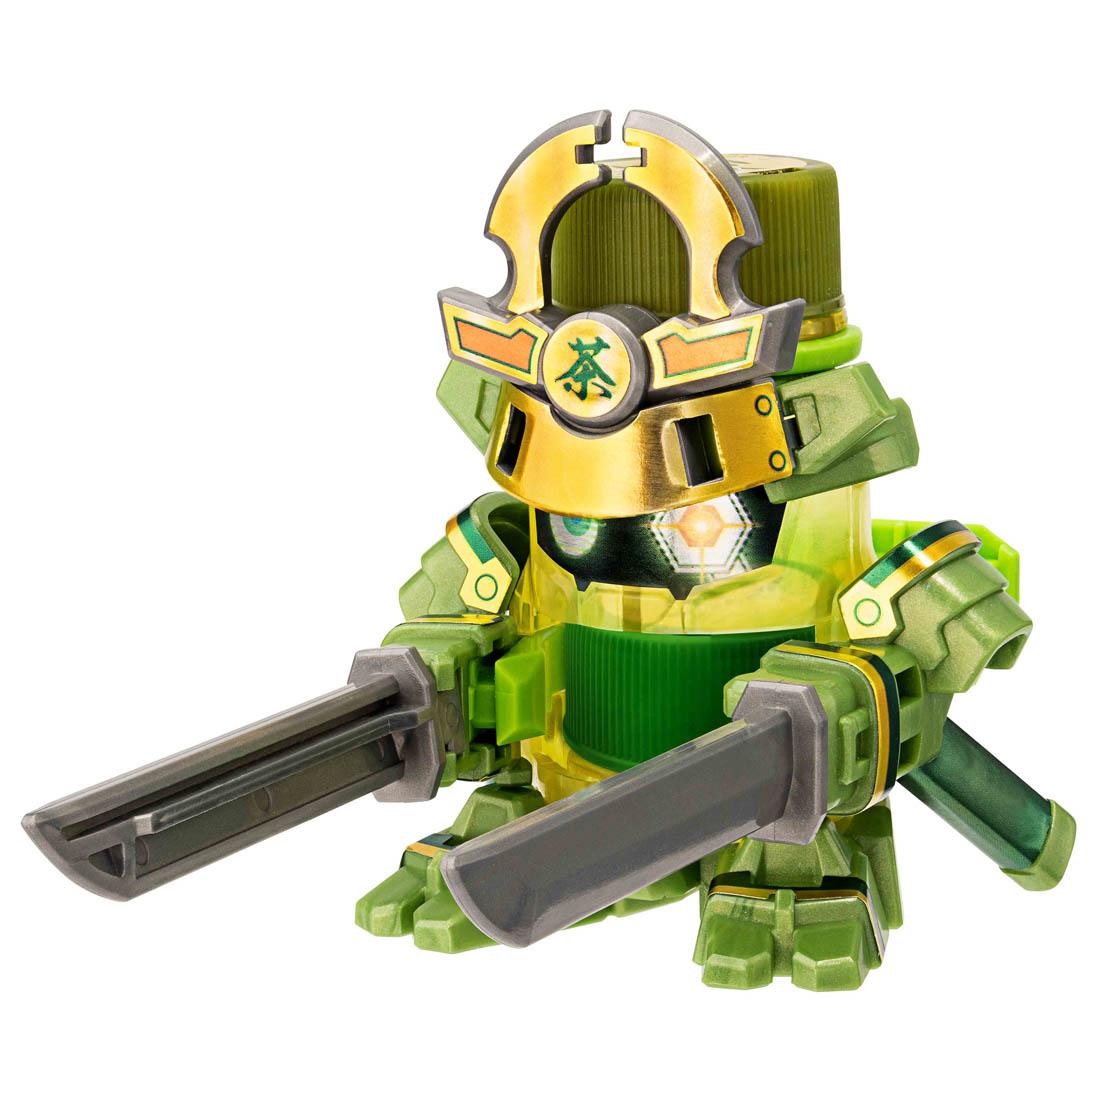 キャップ革命 ボトルマン『BOT-01 コーラマル』おもちゃ-008